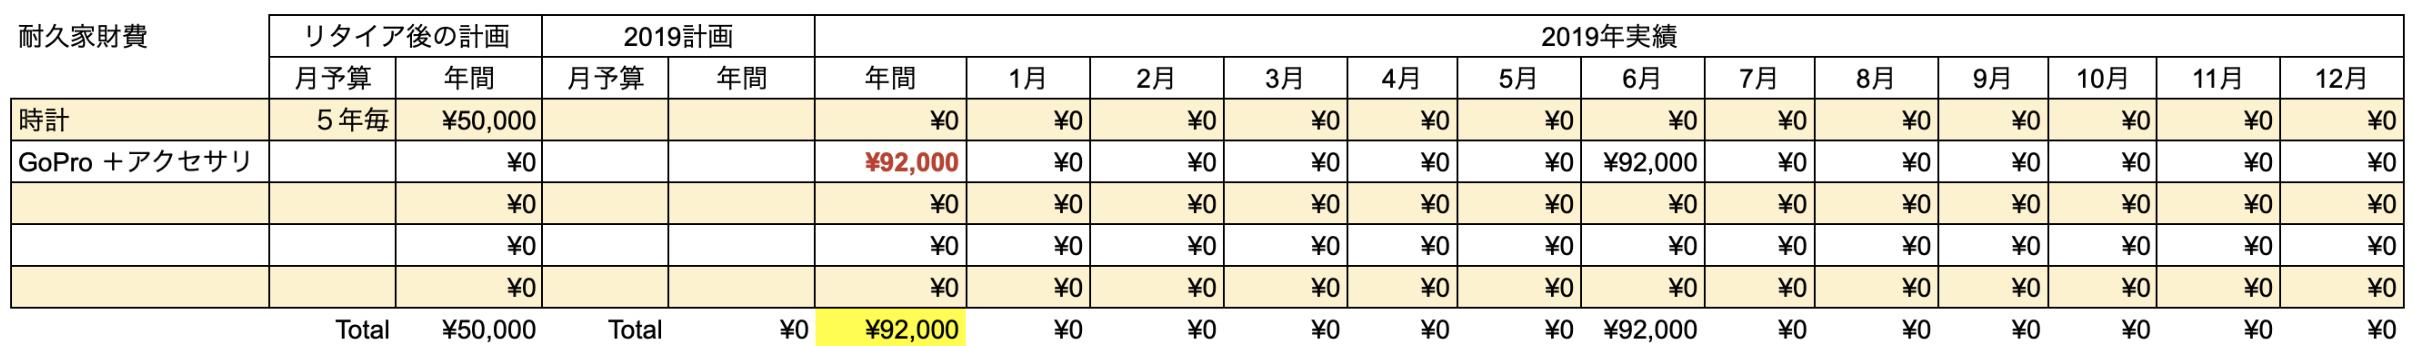 支出実績2019_12月_耐久家財費